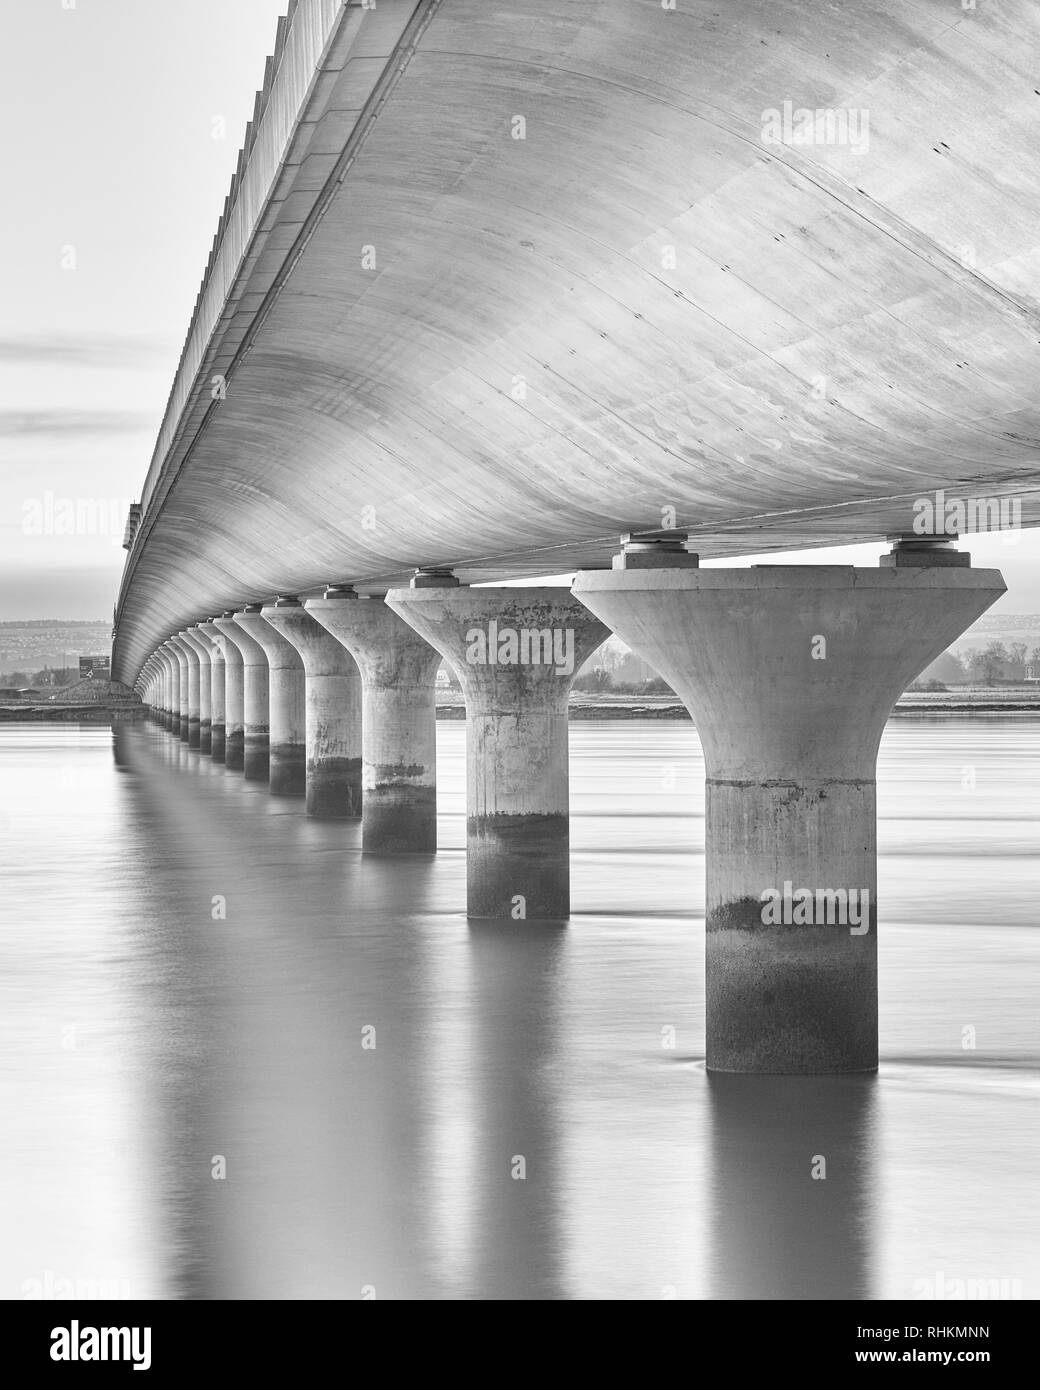 La vista desde el puente de Clackmannanshire Fife / Clackmannanshire, Escocia. La larga exposición en blanco y negro Foto de stock